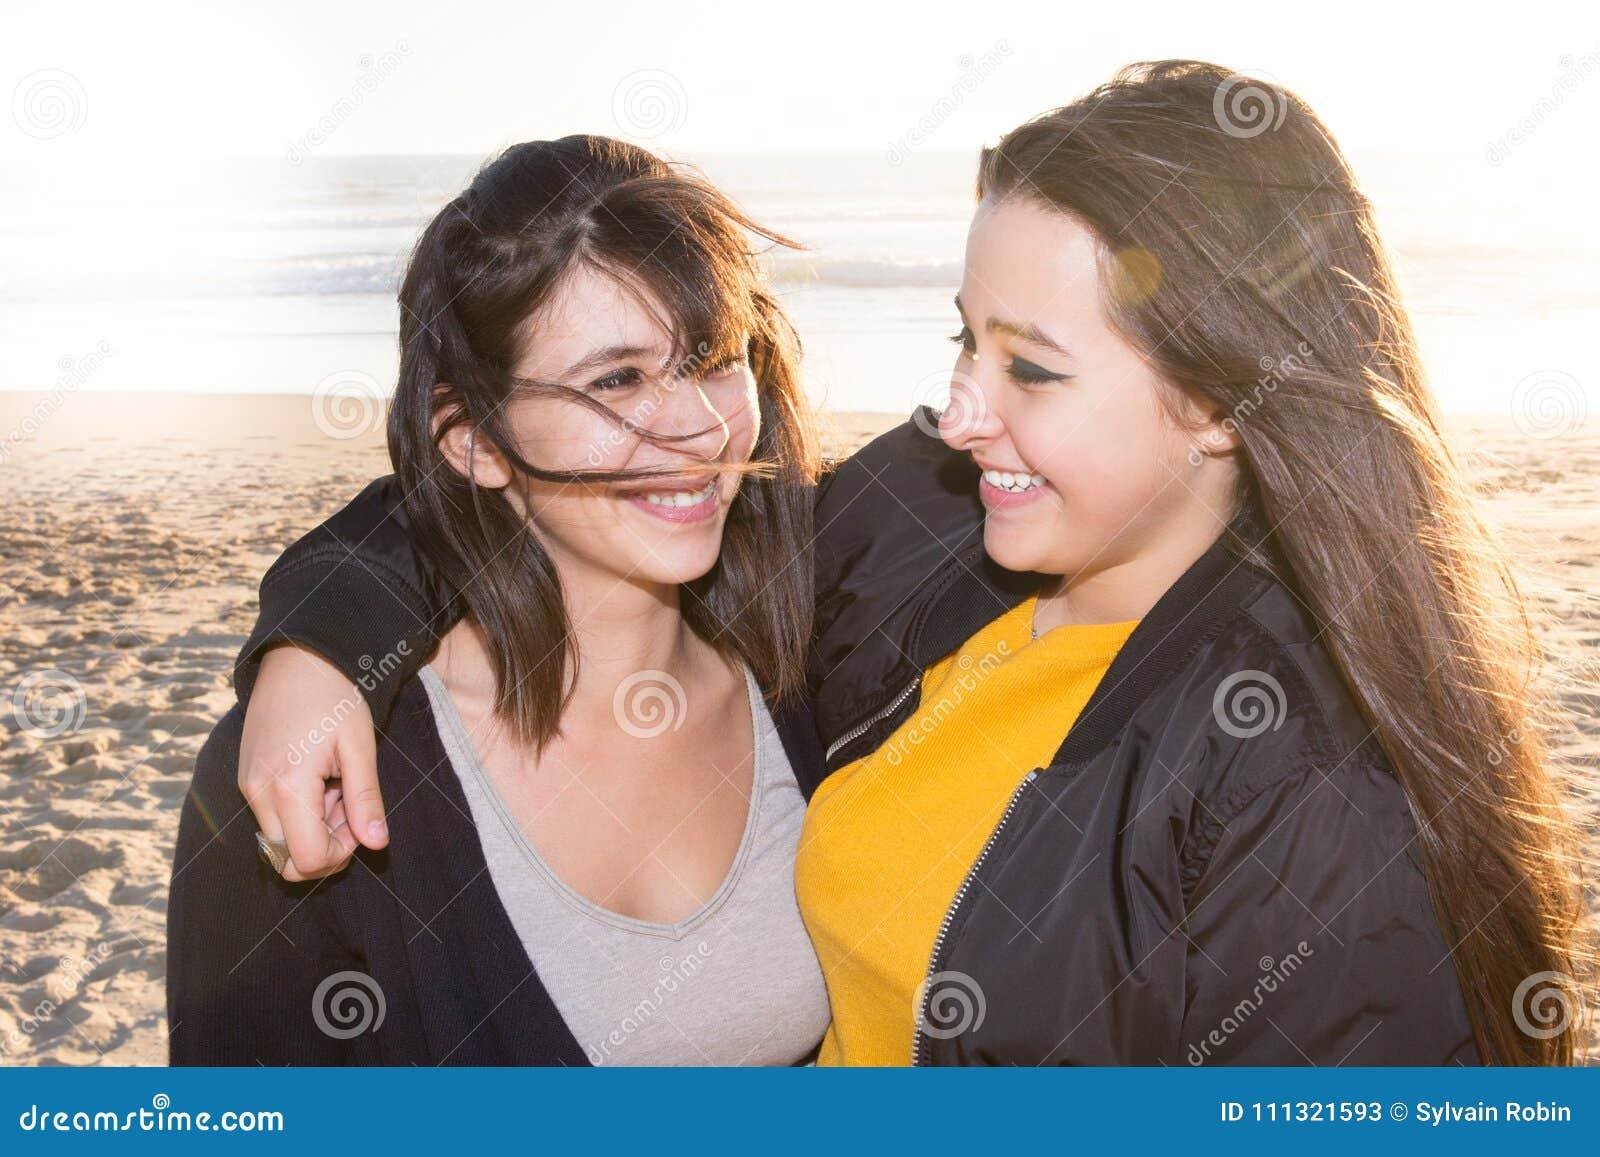 Machen Lesbische Liebe Mädchen Chloë Sevigny: